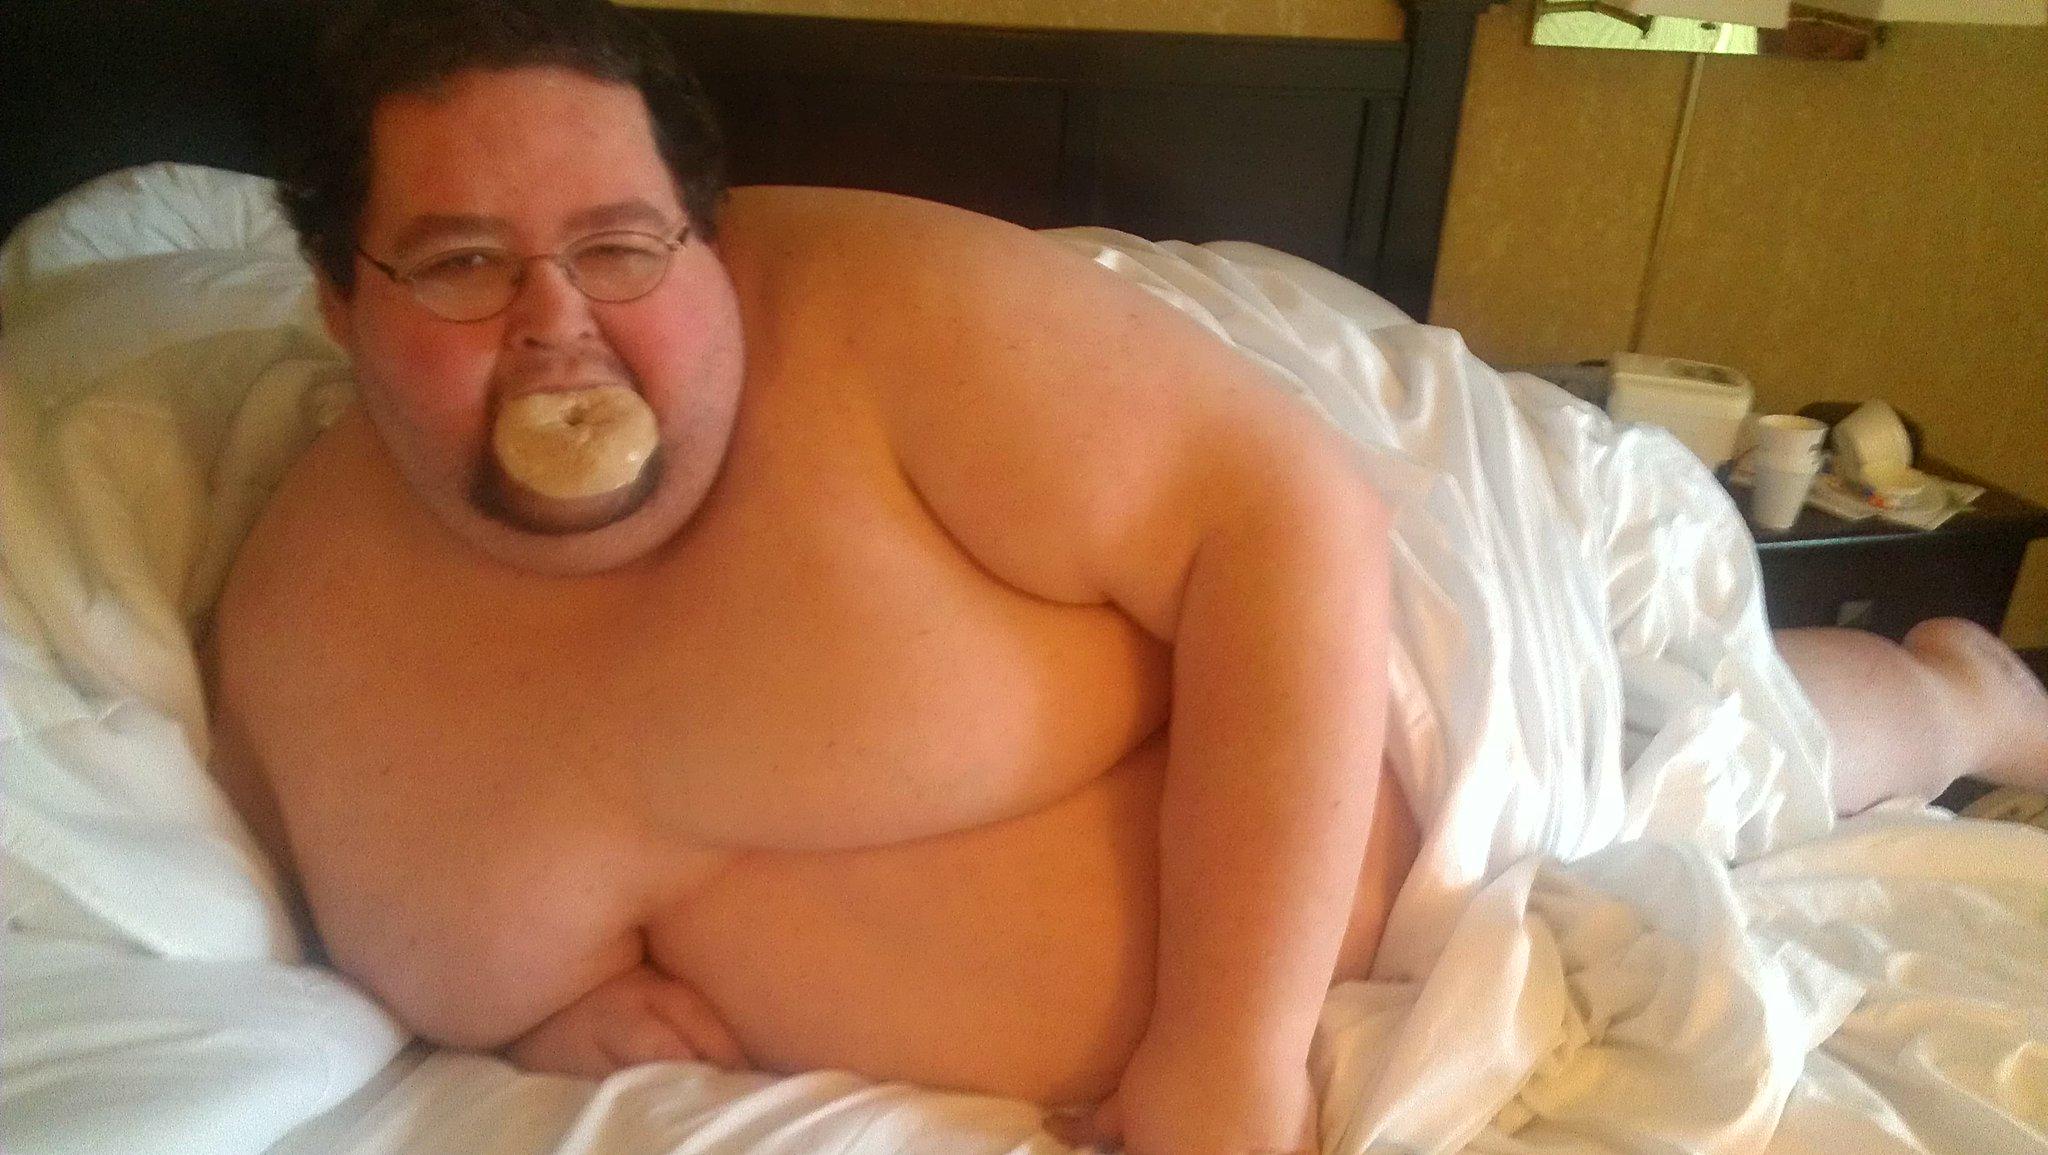 Толстую бабку лижу, Лижет жирную пизду: порно видео онлайн, смотреть 9 фотография